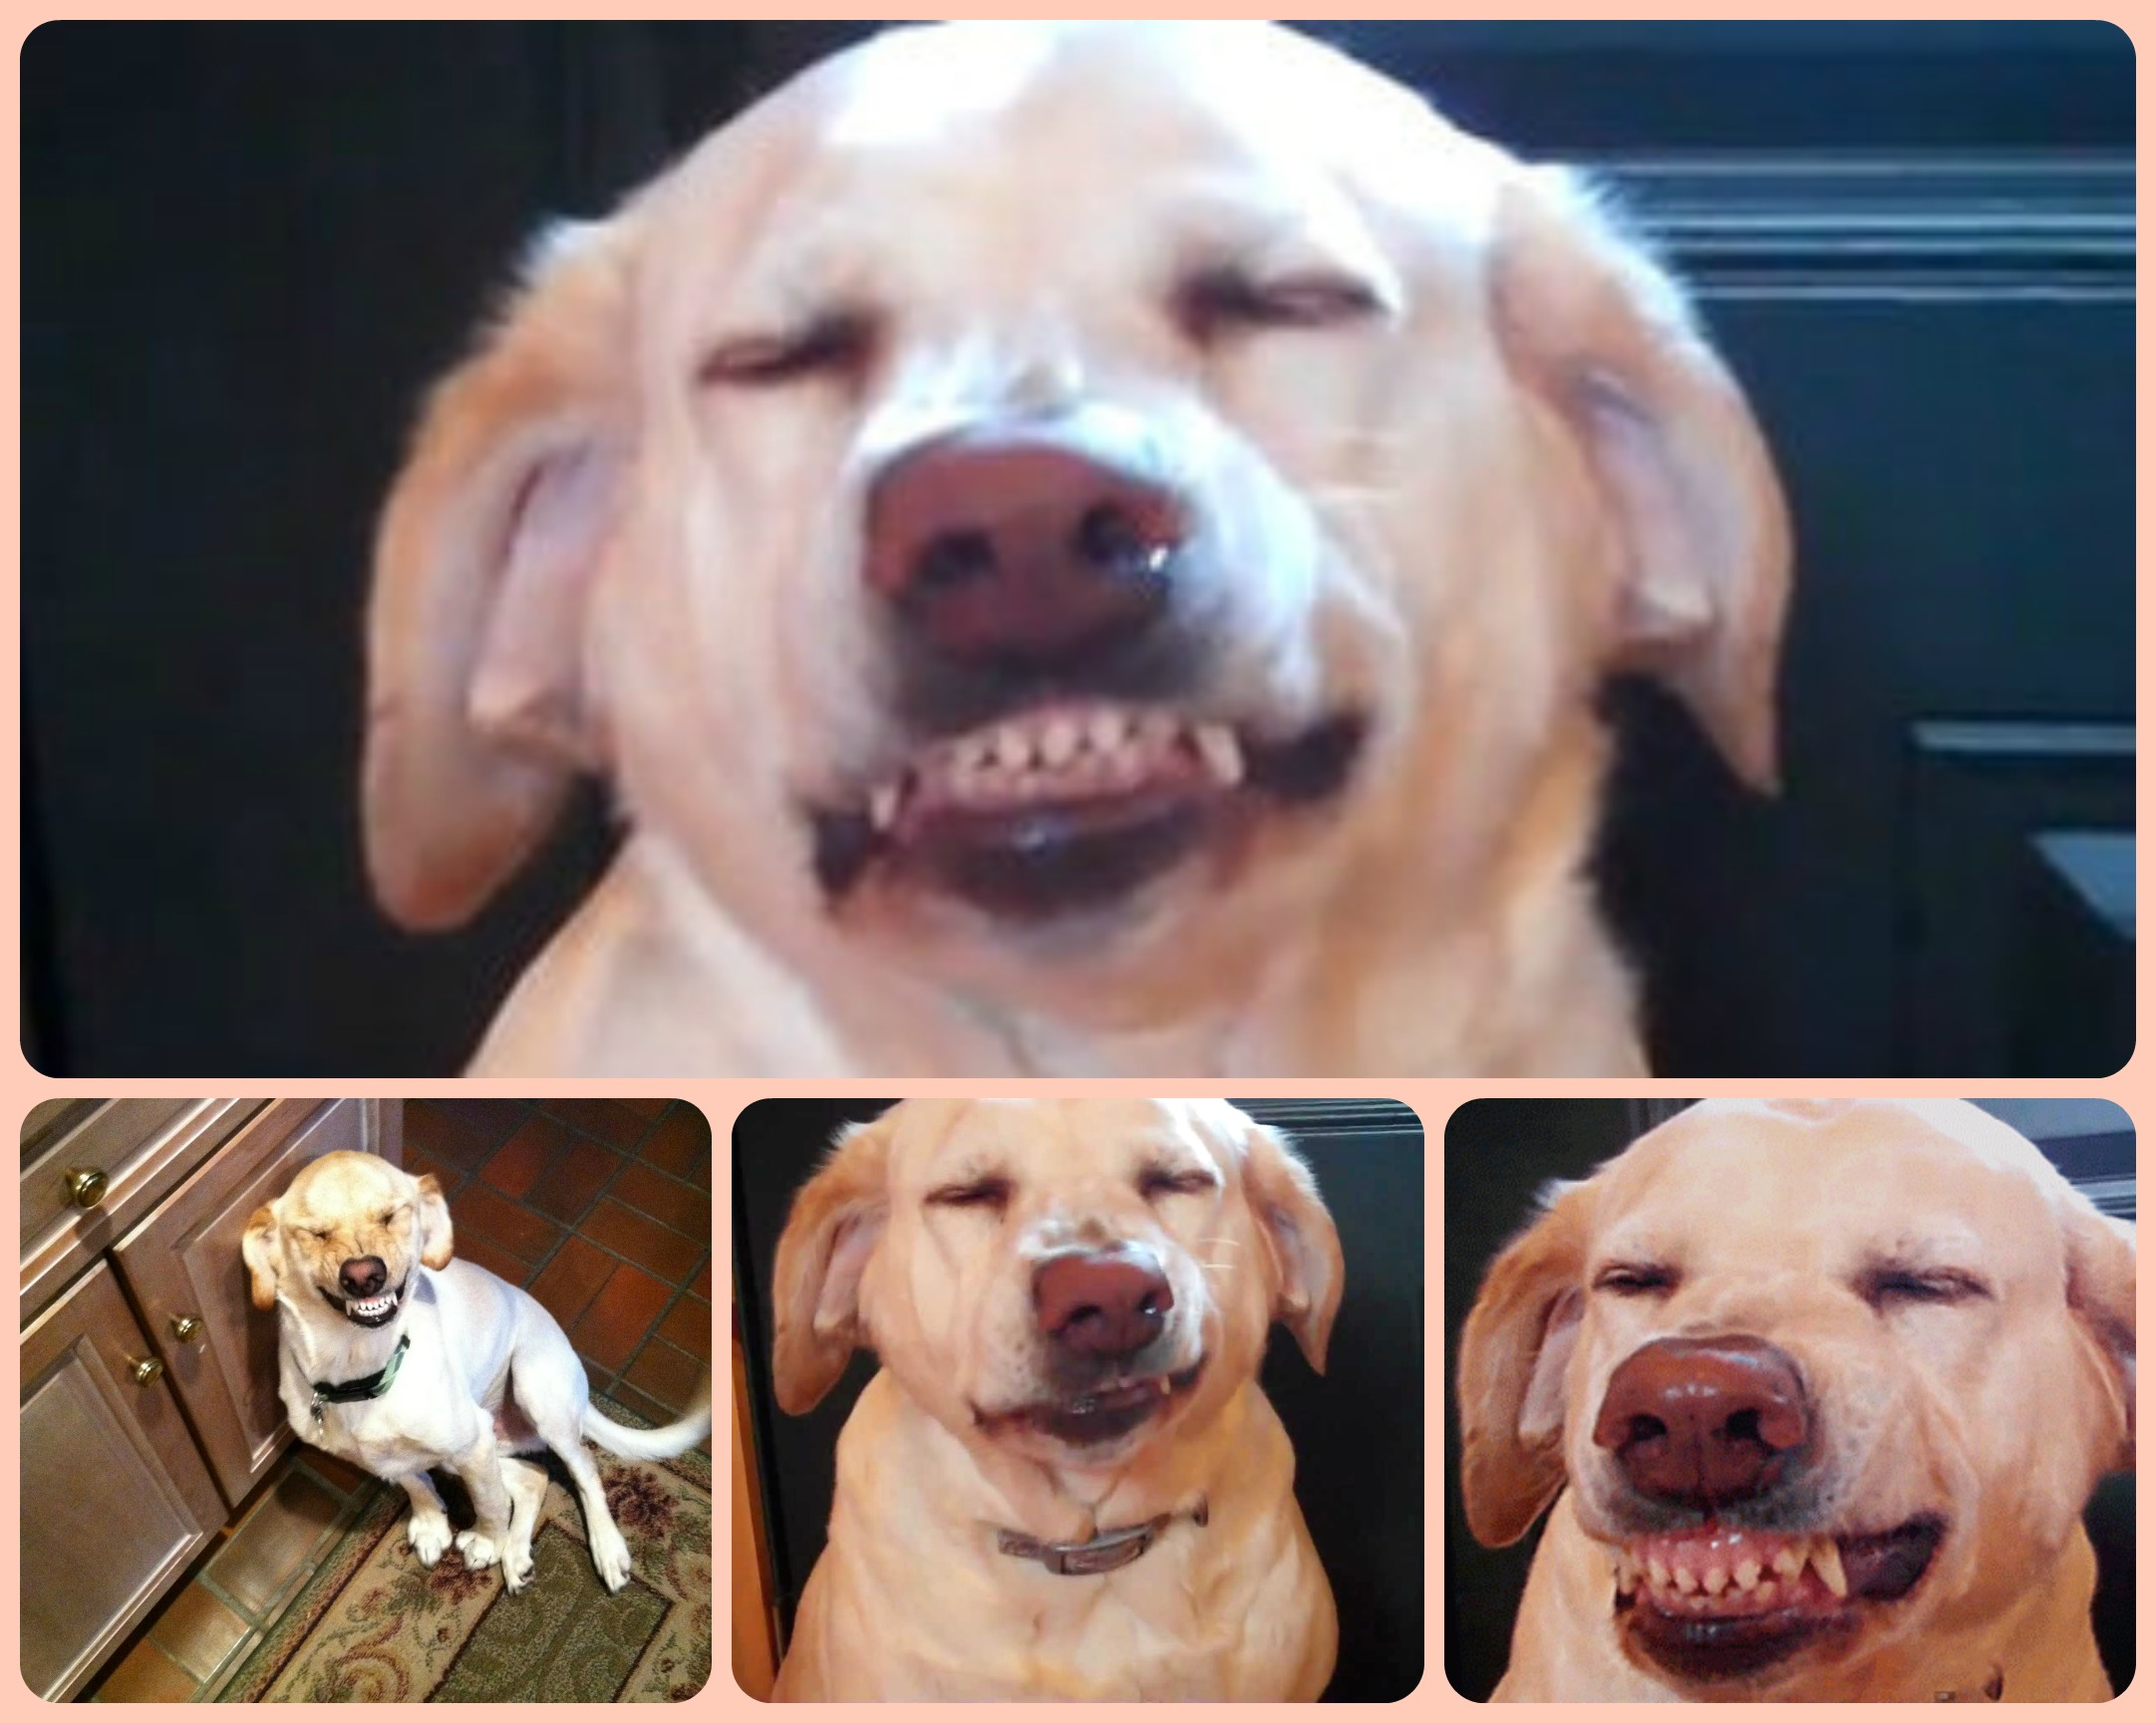 Pourquoi le chien ne connaît pas la culpabilité? - Page 2 Dog-guilt-_dog-shaming-_guilty-dog